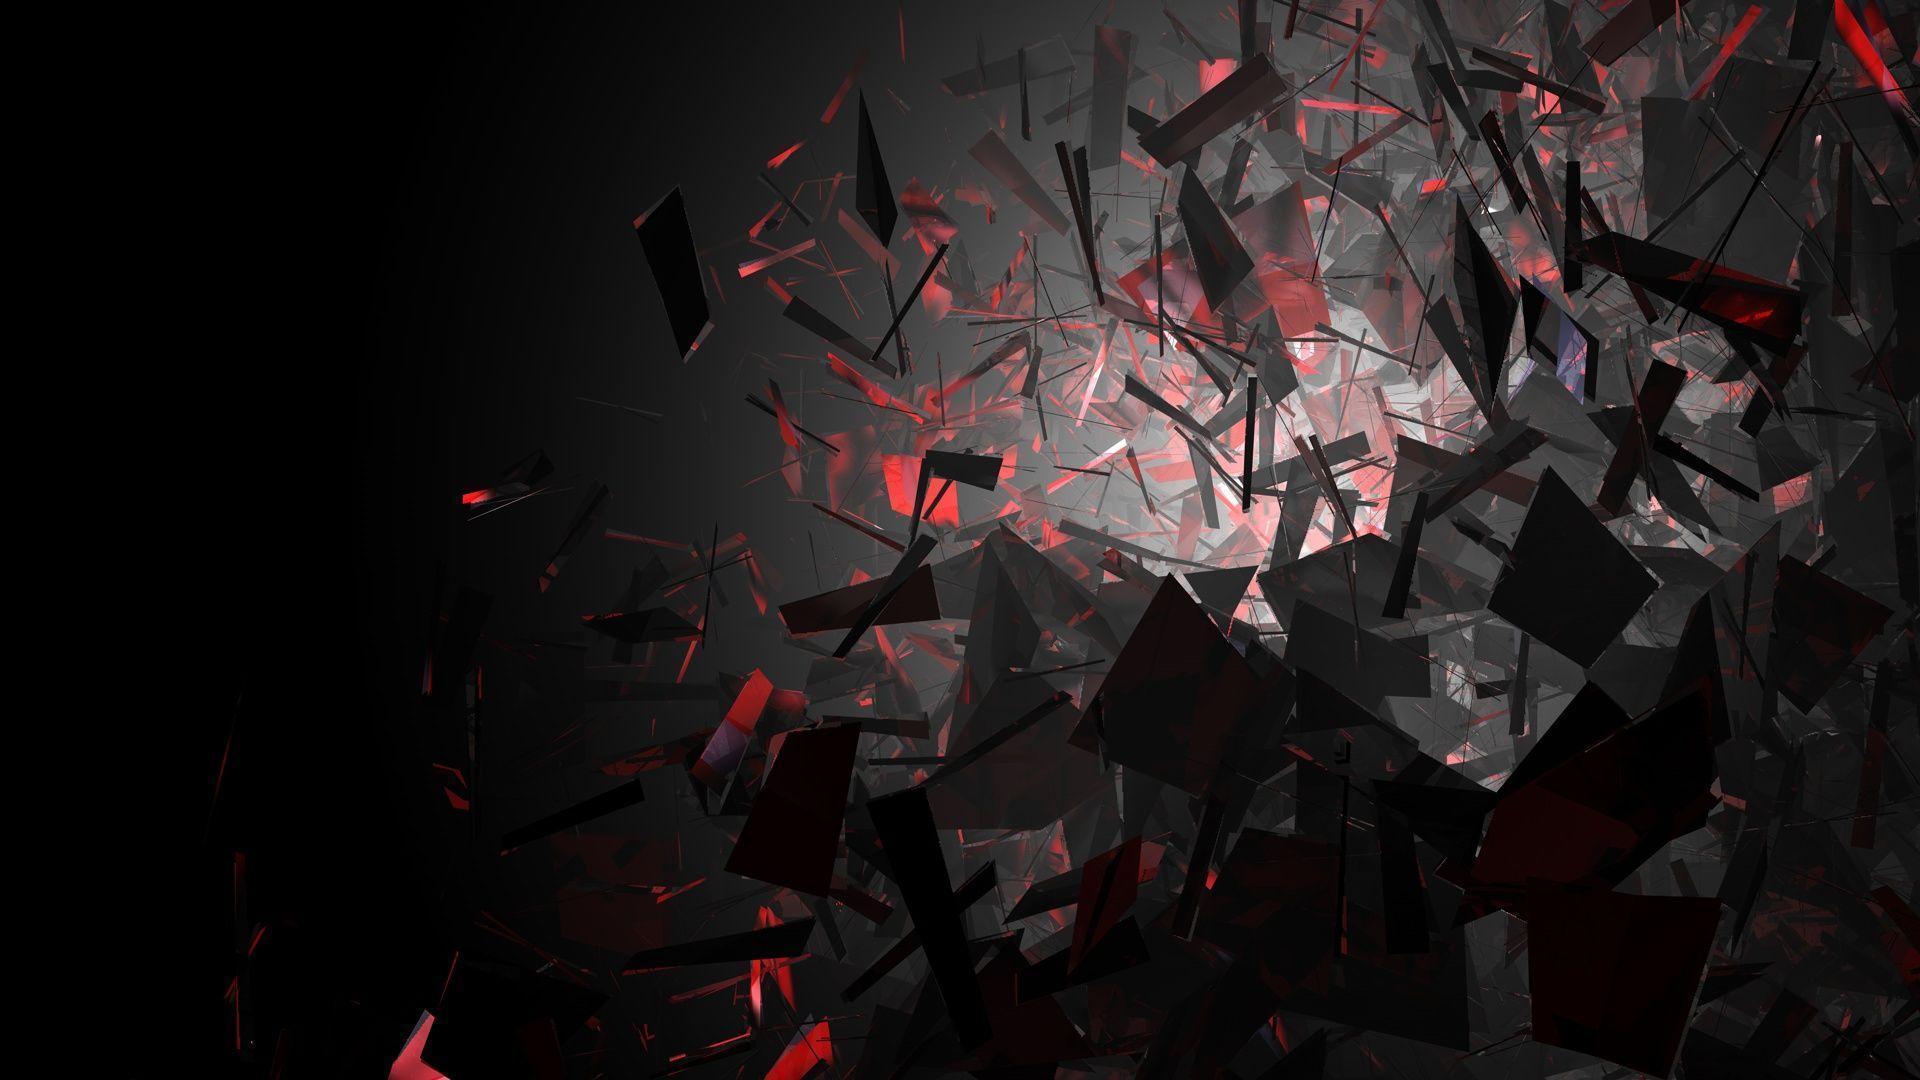 Dark Abstract Wallpaper Wallpaper Ideas